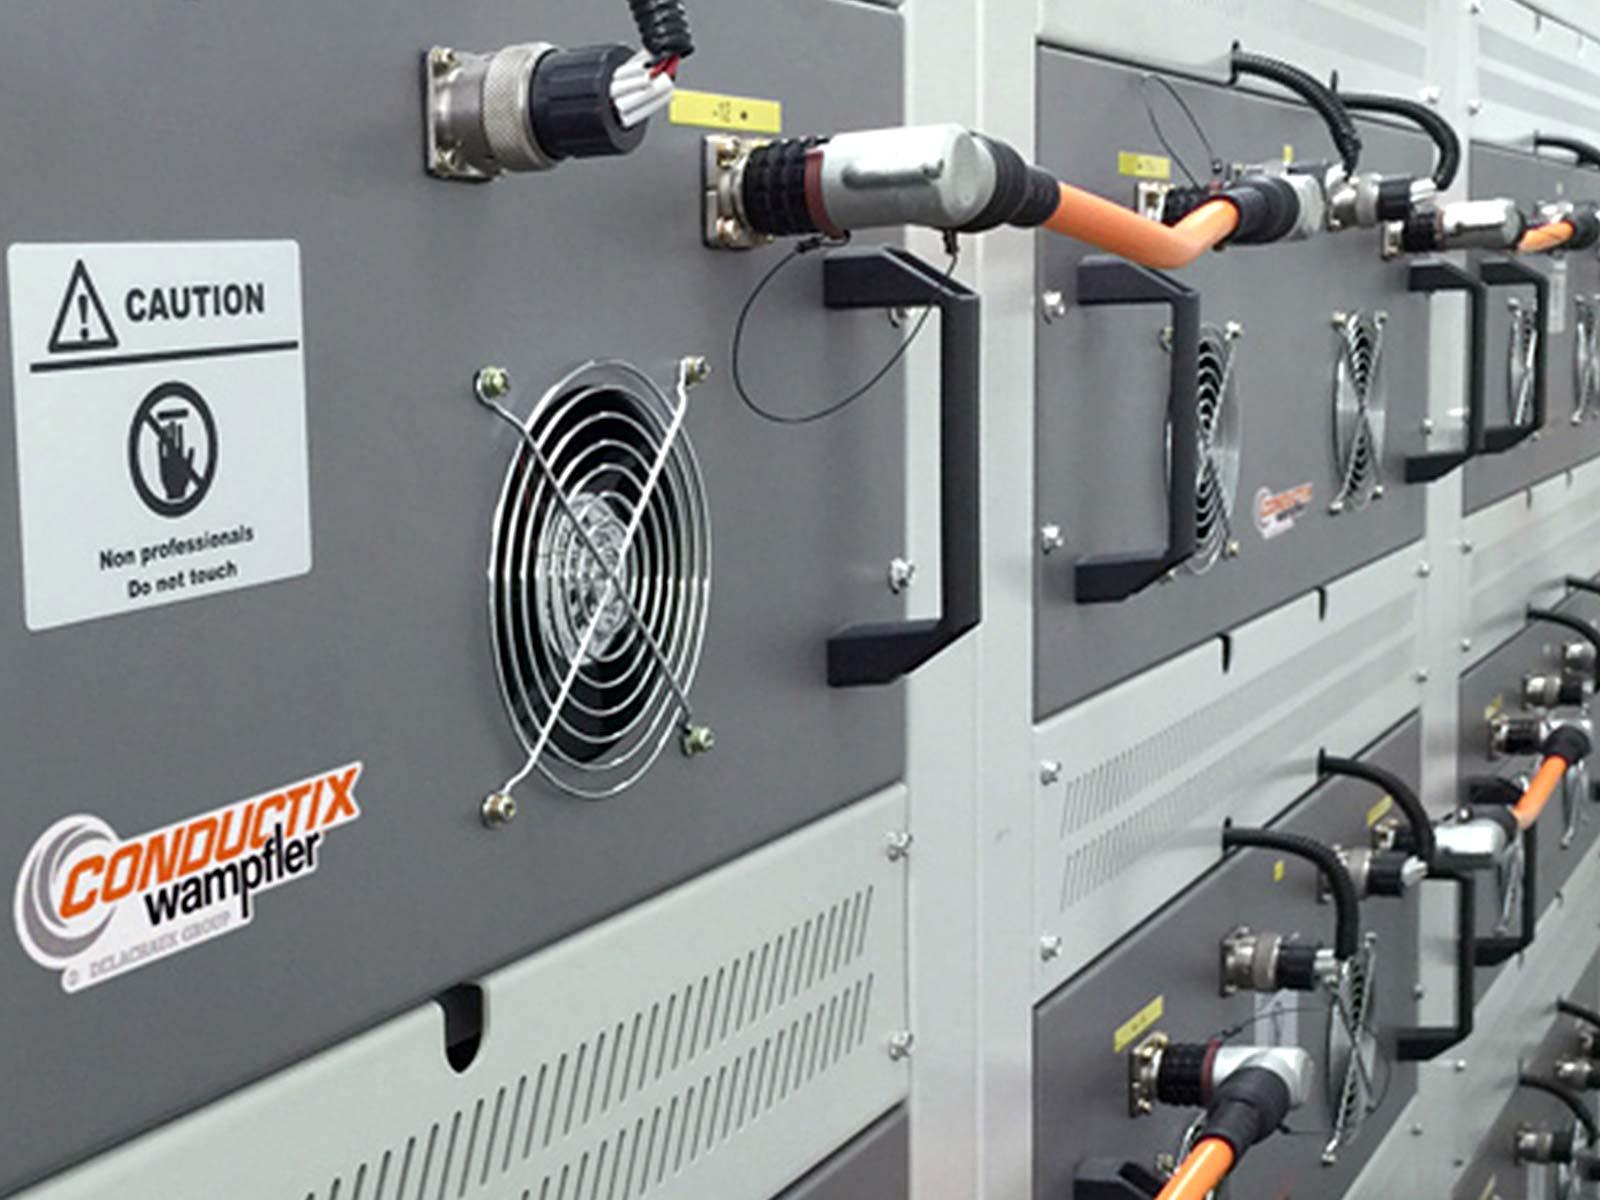 Globales Condition Monitoring bei E-RTG-Kränen • Datenfunksystem DATAEAGLE • Die von Conductix-Wampfler entwickelten Batteriecontainer benötigen eine intensive Überwachung (Condition Monitoring), und das bei allen weltweit eingesetzten E-RTG-Kränen.